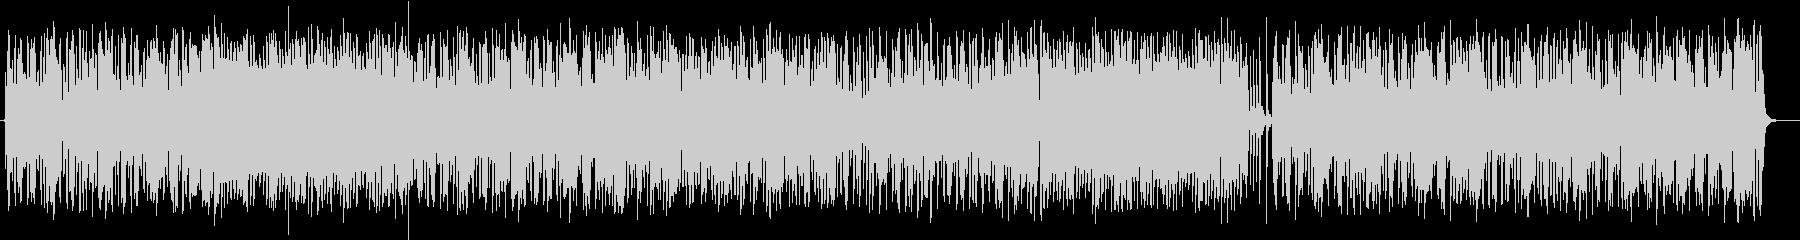 ポップで軽快なバイオリンクラシックの未再生の波形